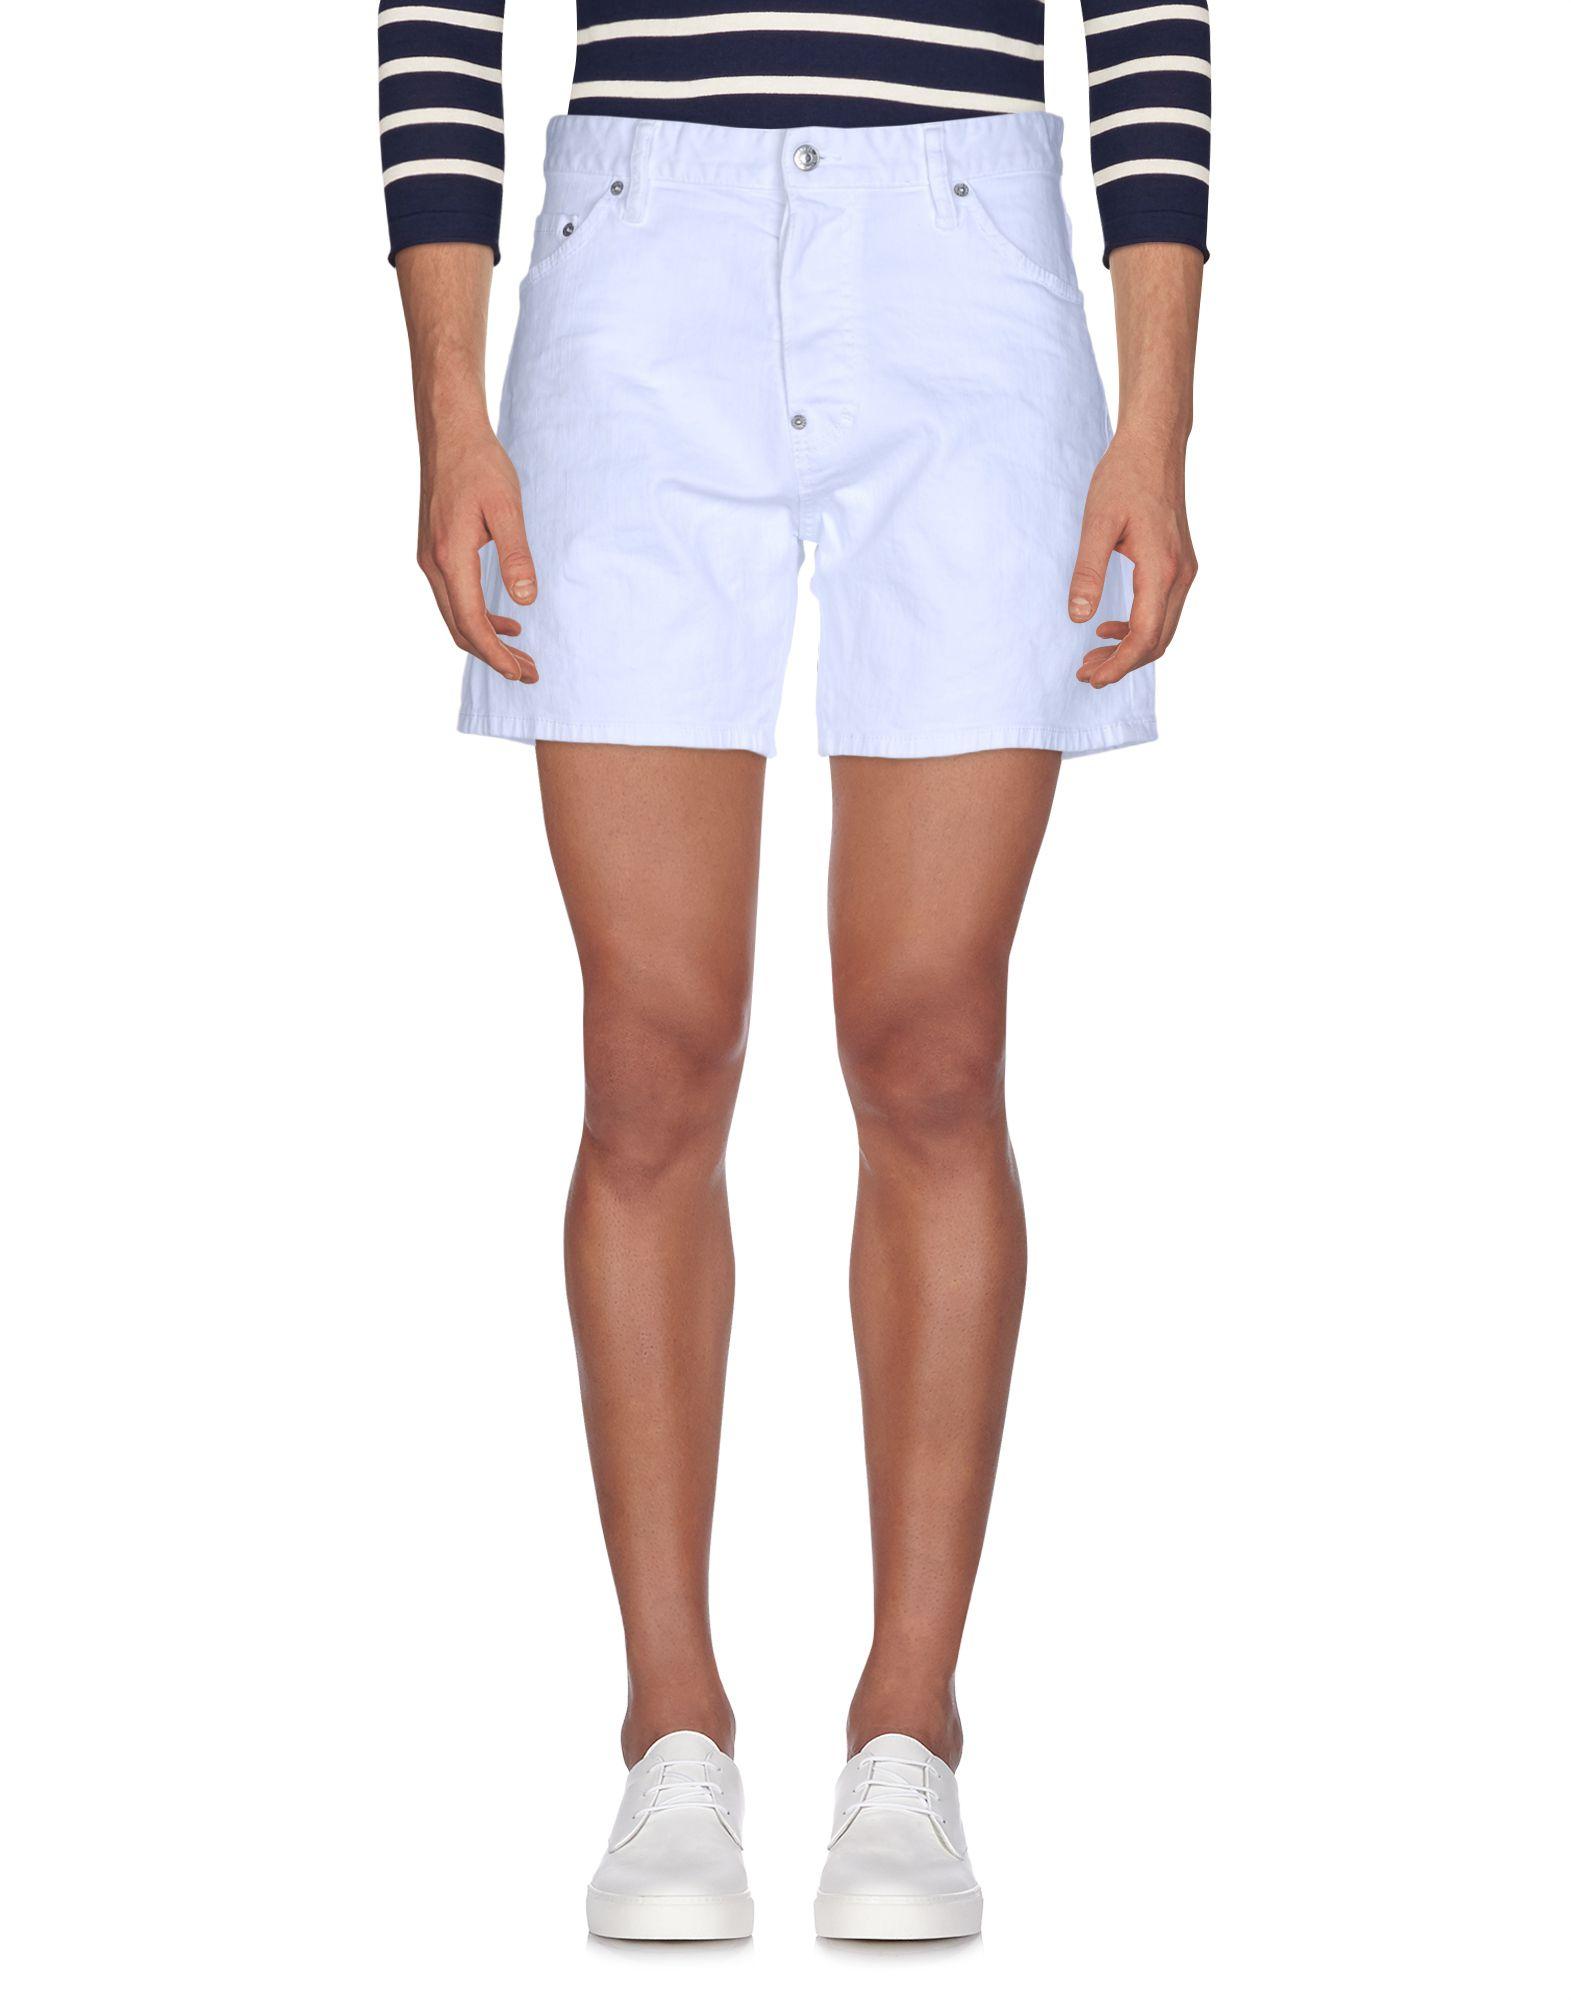 DSQUARED2 Herren Jeansbermudashorts Farbe Weiß Größe 4